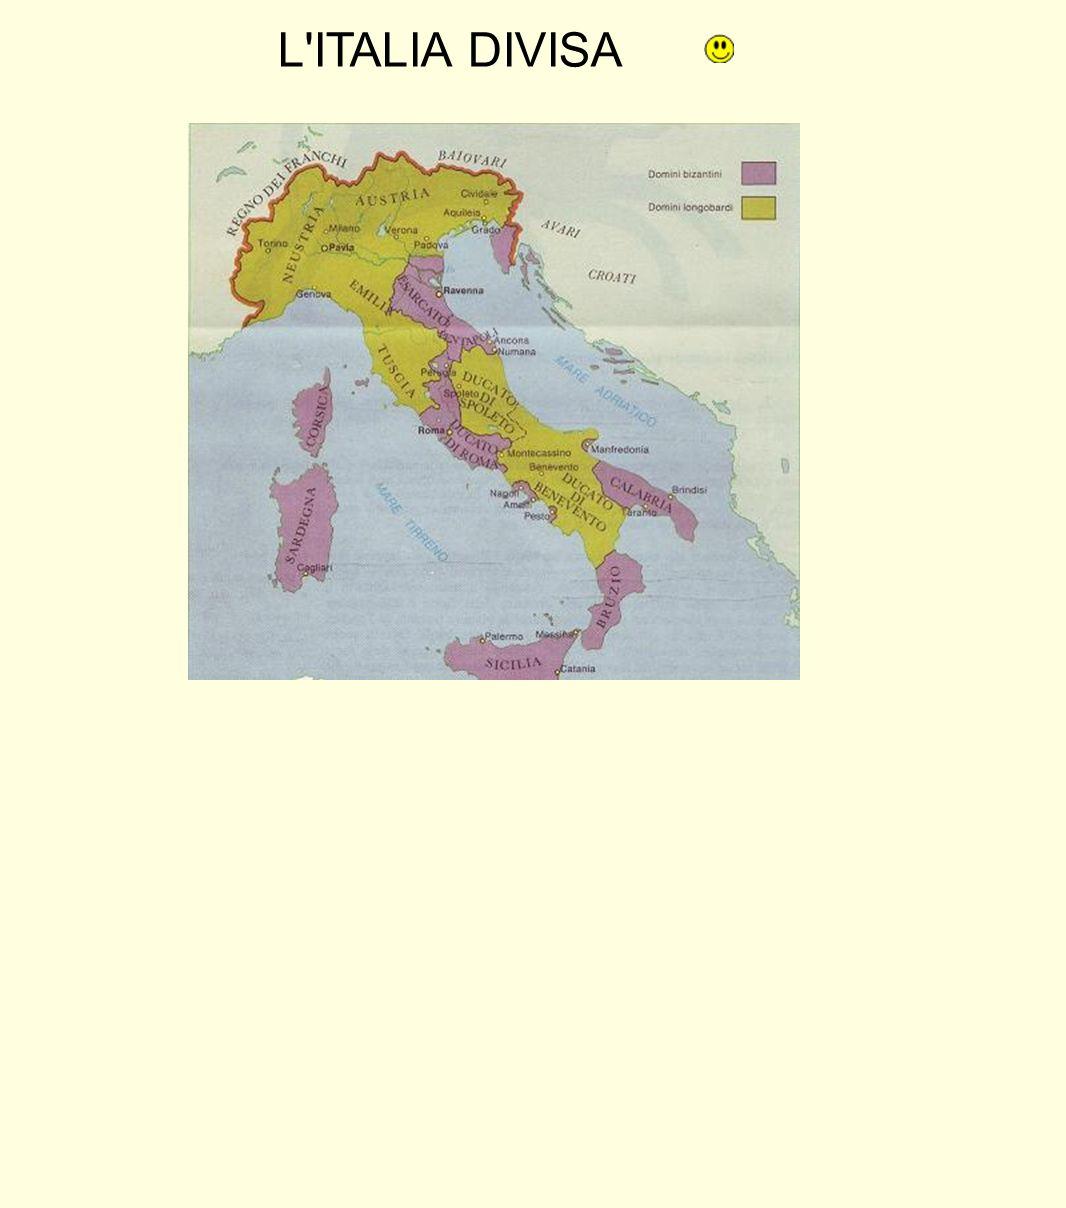 L ITALIA DIVISA